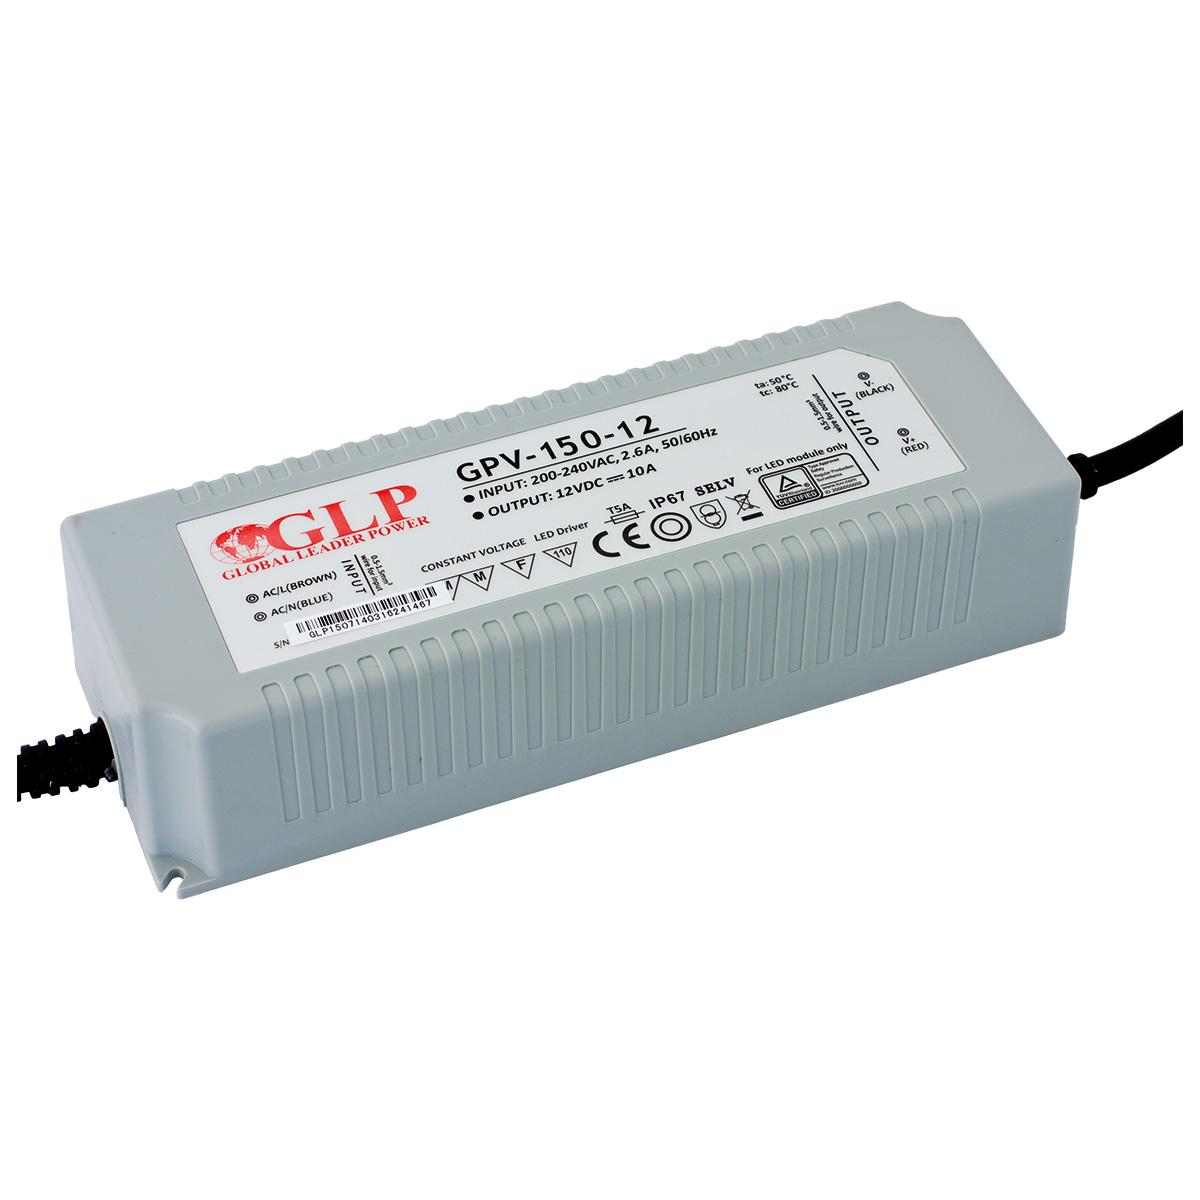 LED trafo GLP GPV-150-12 venkovní IP67 120W 12V, záruka 3 roky